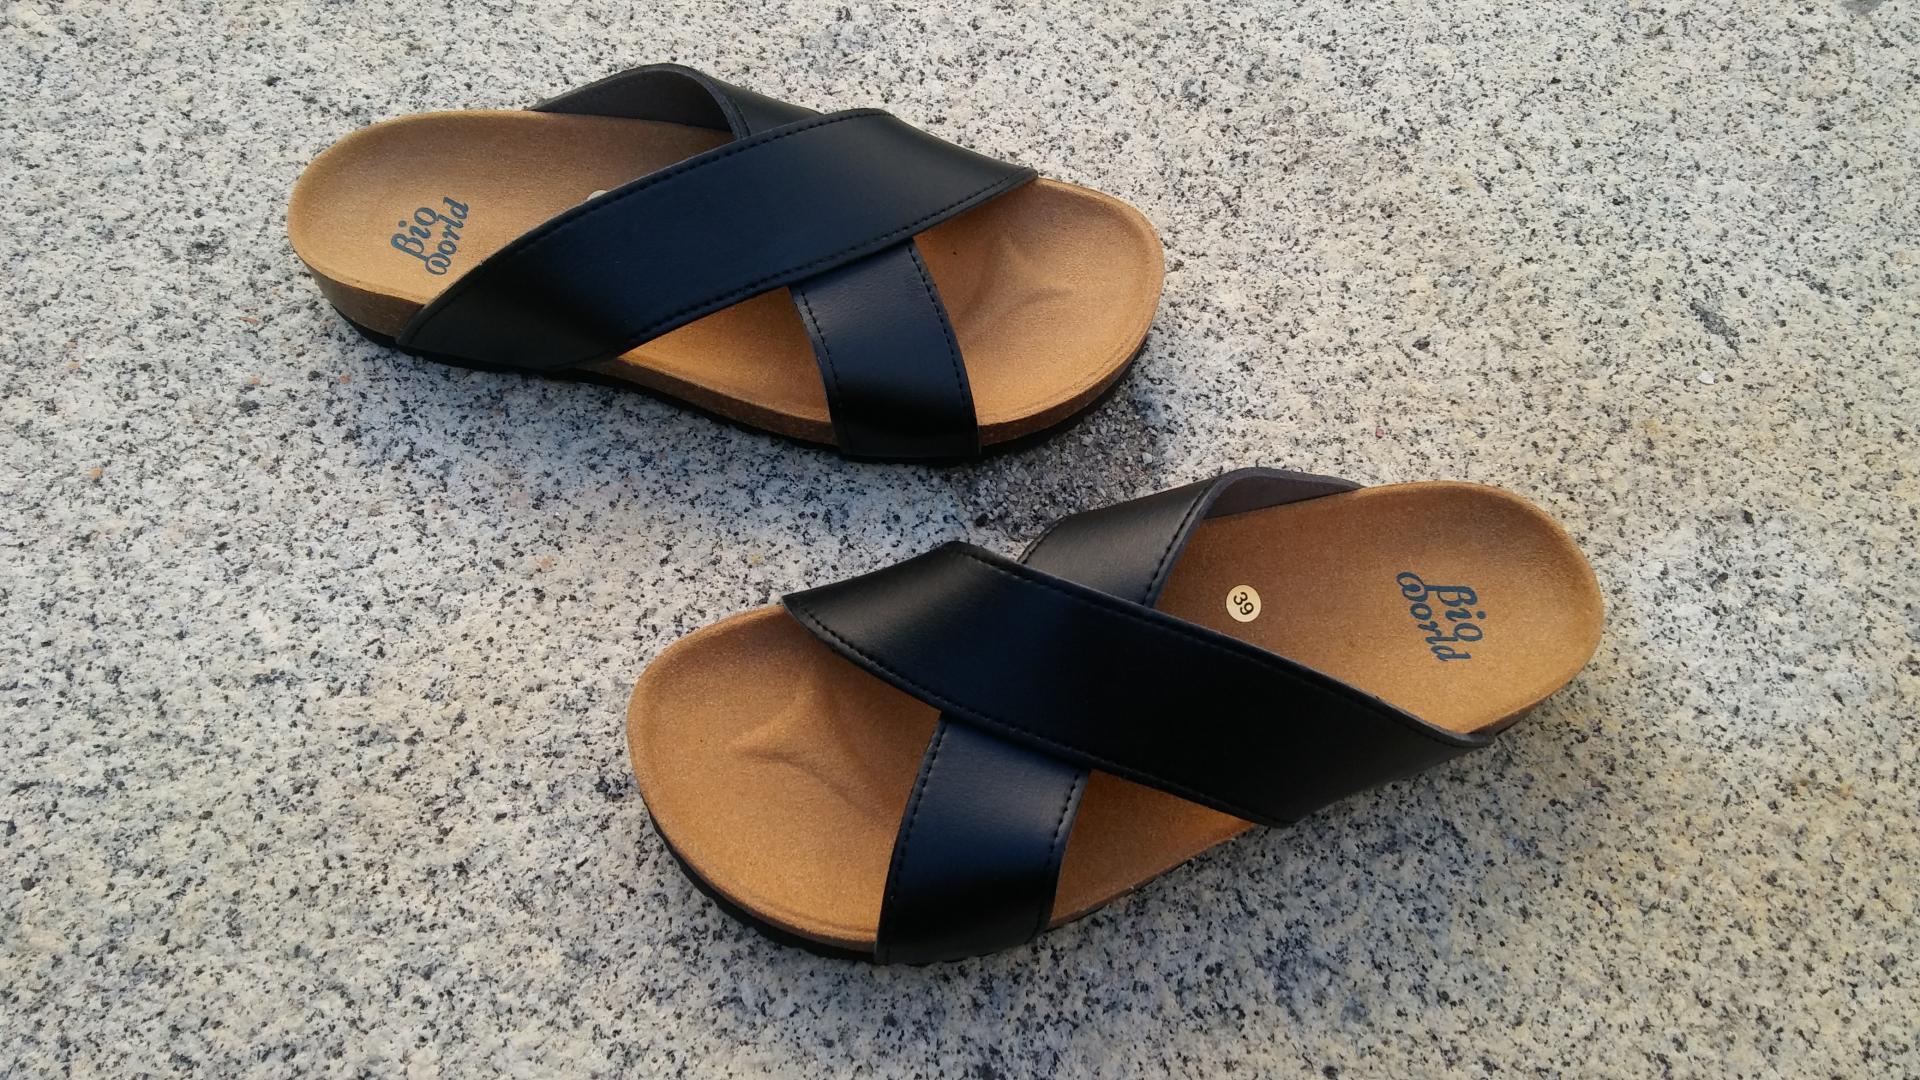 SENA NEGRO, sandalias veganas, sandalias veganas mujer, calzado vegano, sandalias de tacón bajo, sandalias bioworld, vegan shoes.